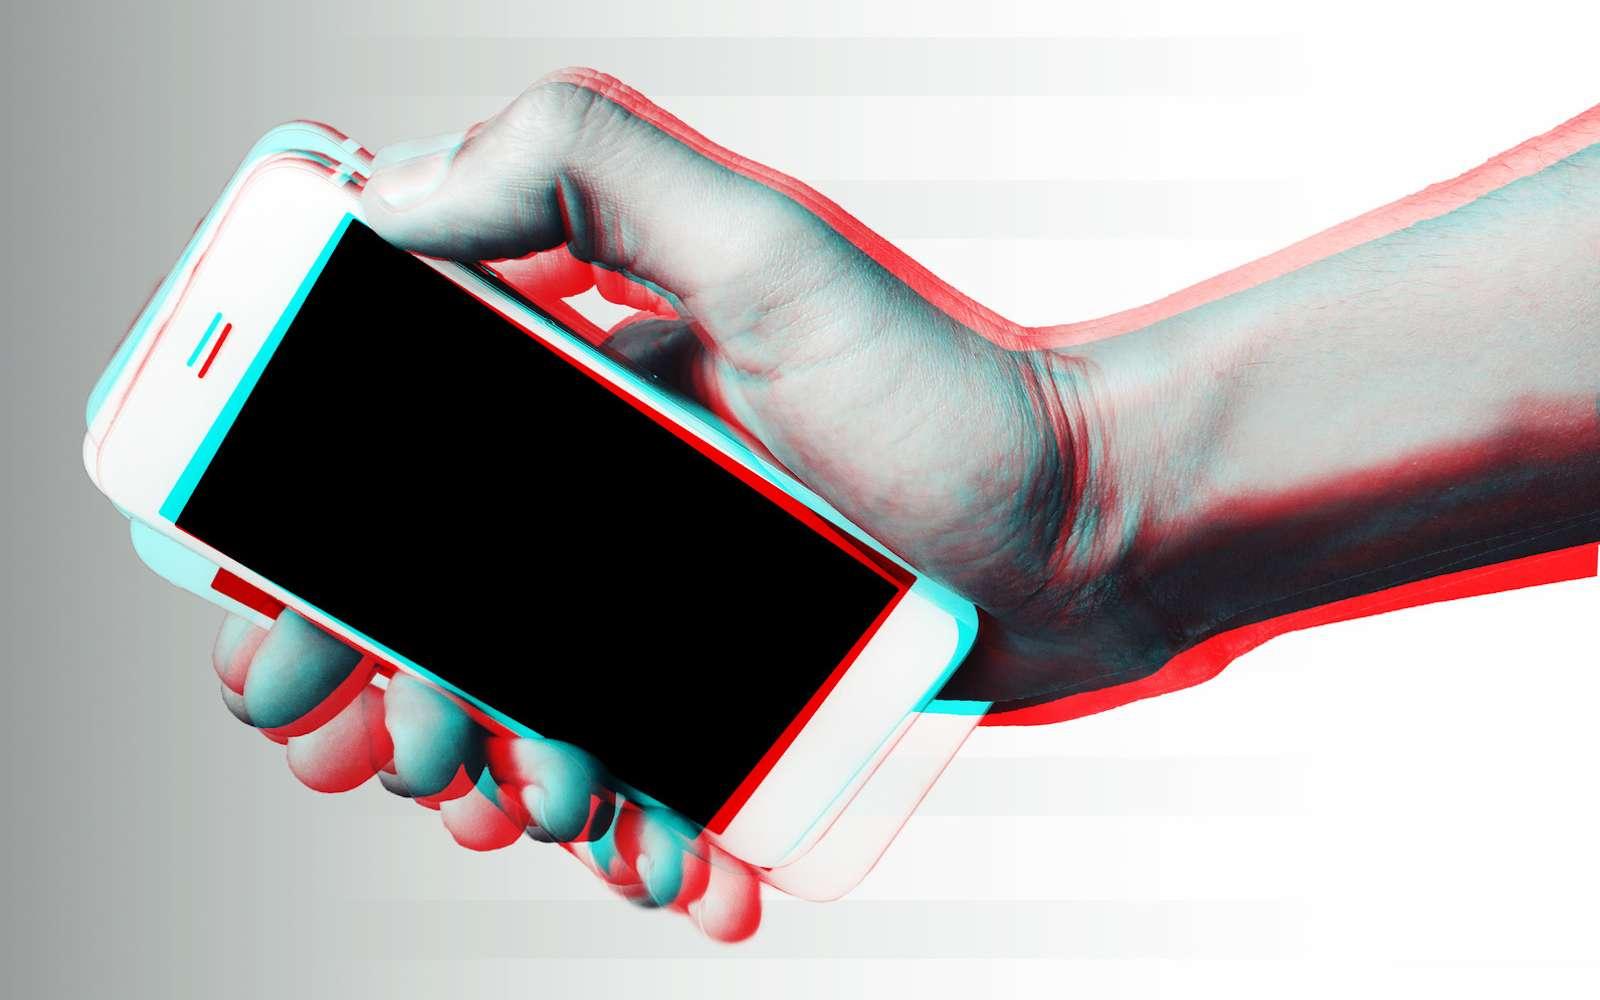 L'accéléromètre du smartphone sert à mesurer le sens et l'ampleur du déplacement dans les trois plans. © Morocko, Fotolia